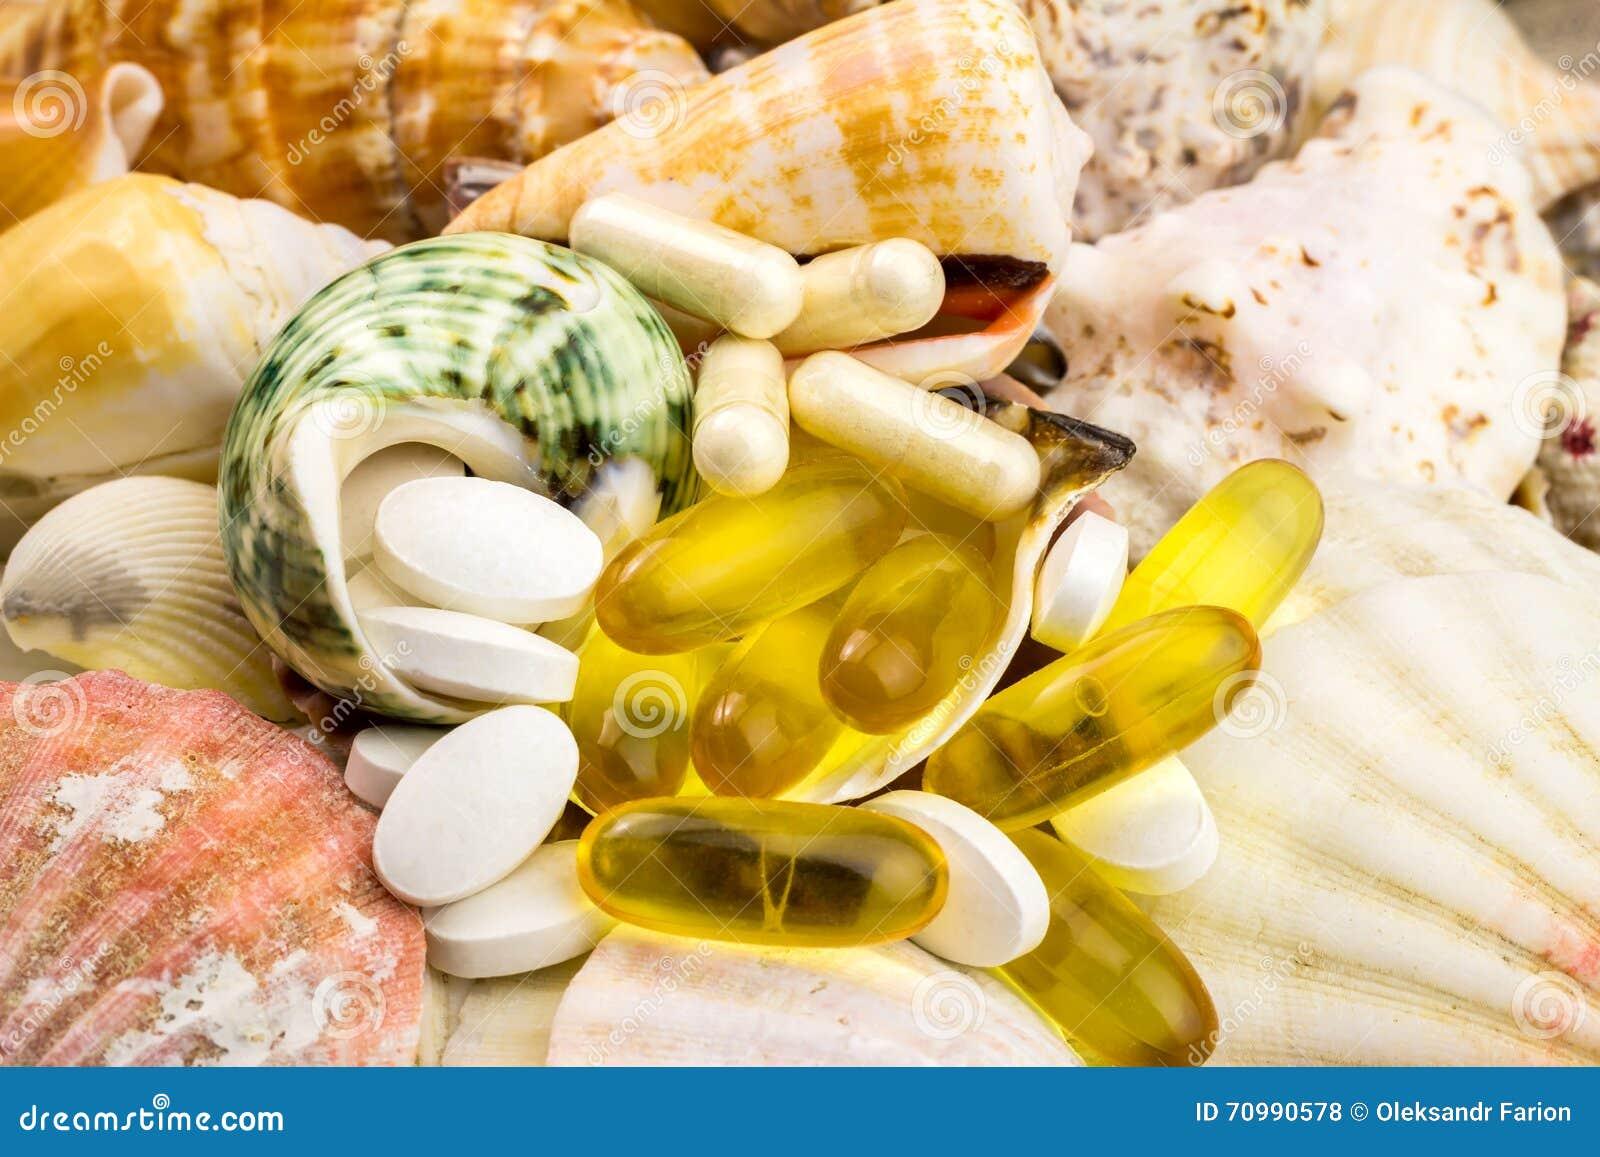 Pilules naturelles mélangées de complément alimentaire sur le beau fond de coquillages